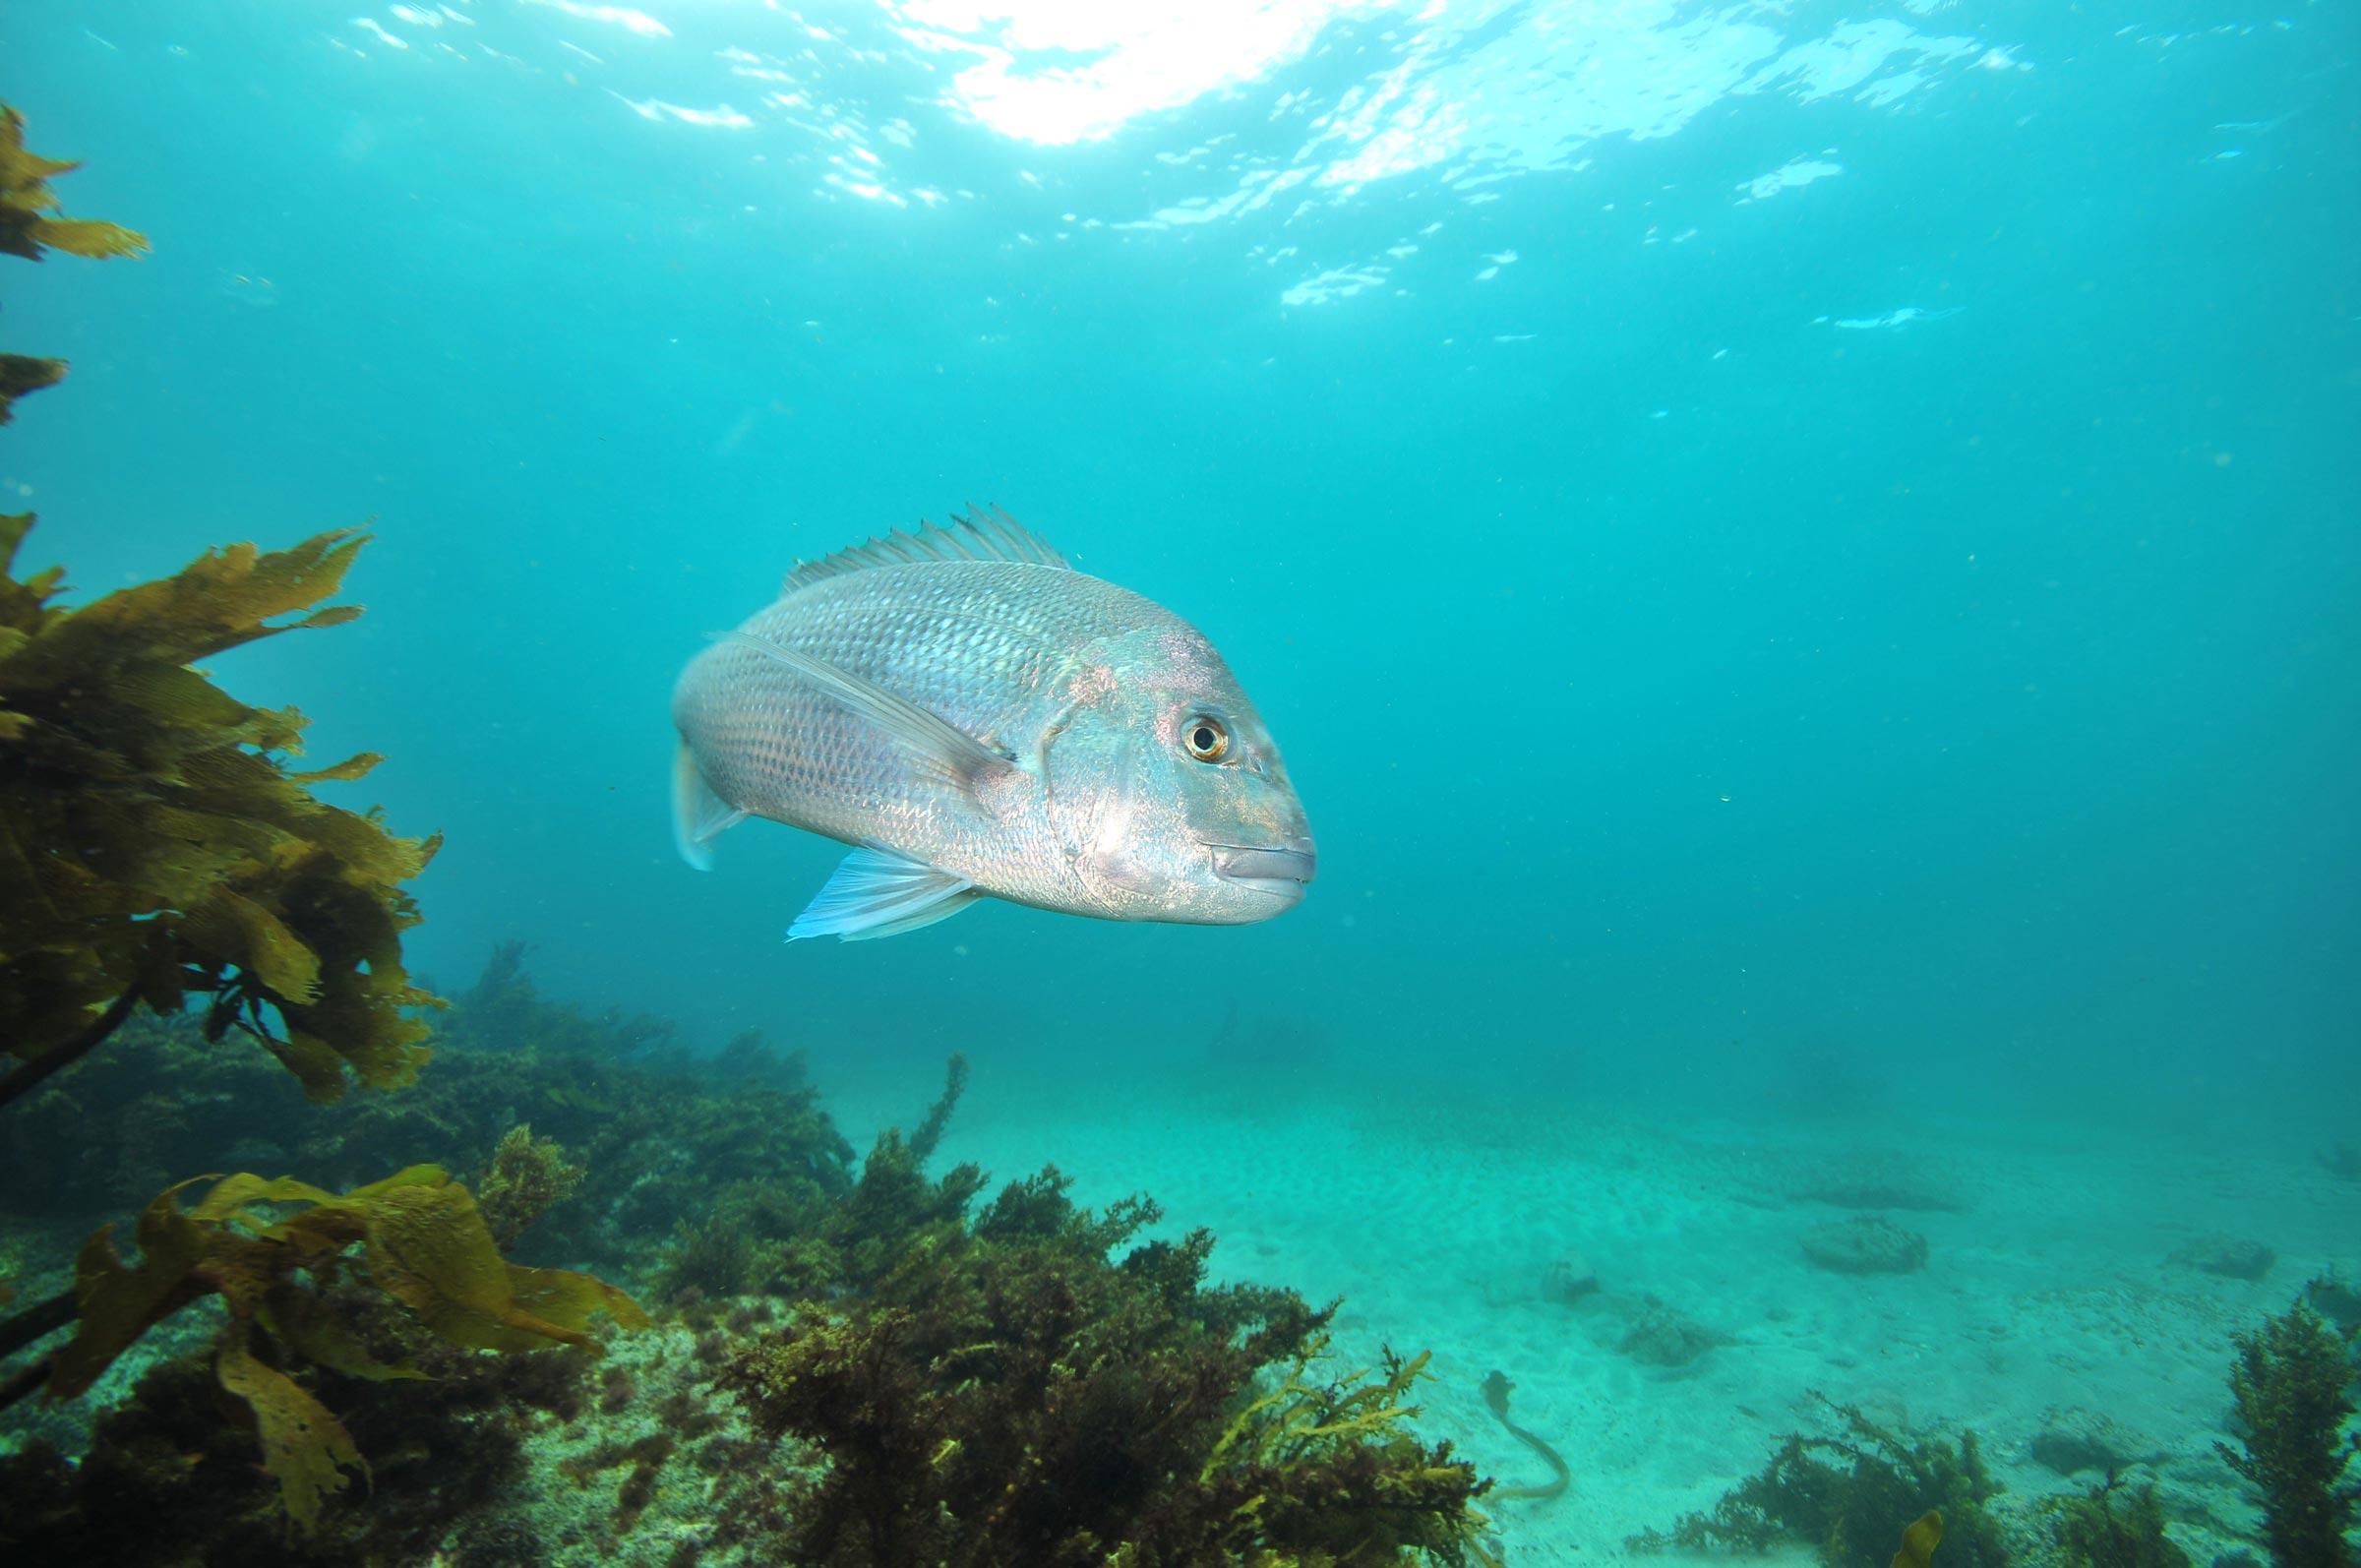 Kaikoura temporary fishing closure consultation